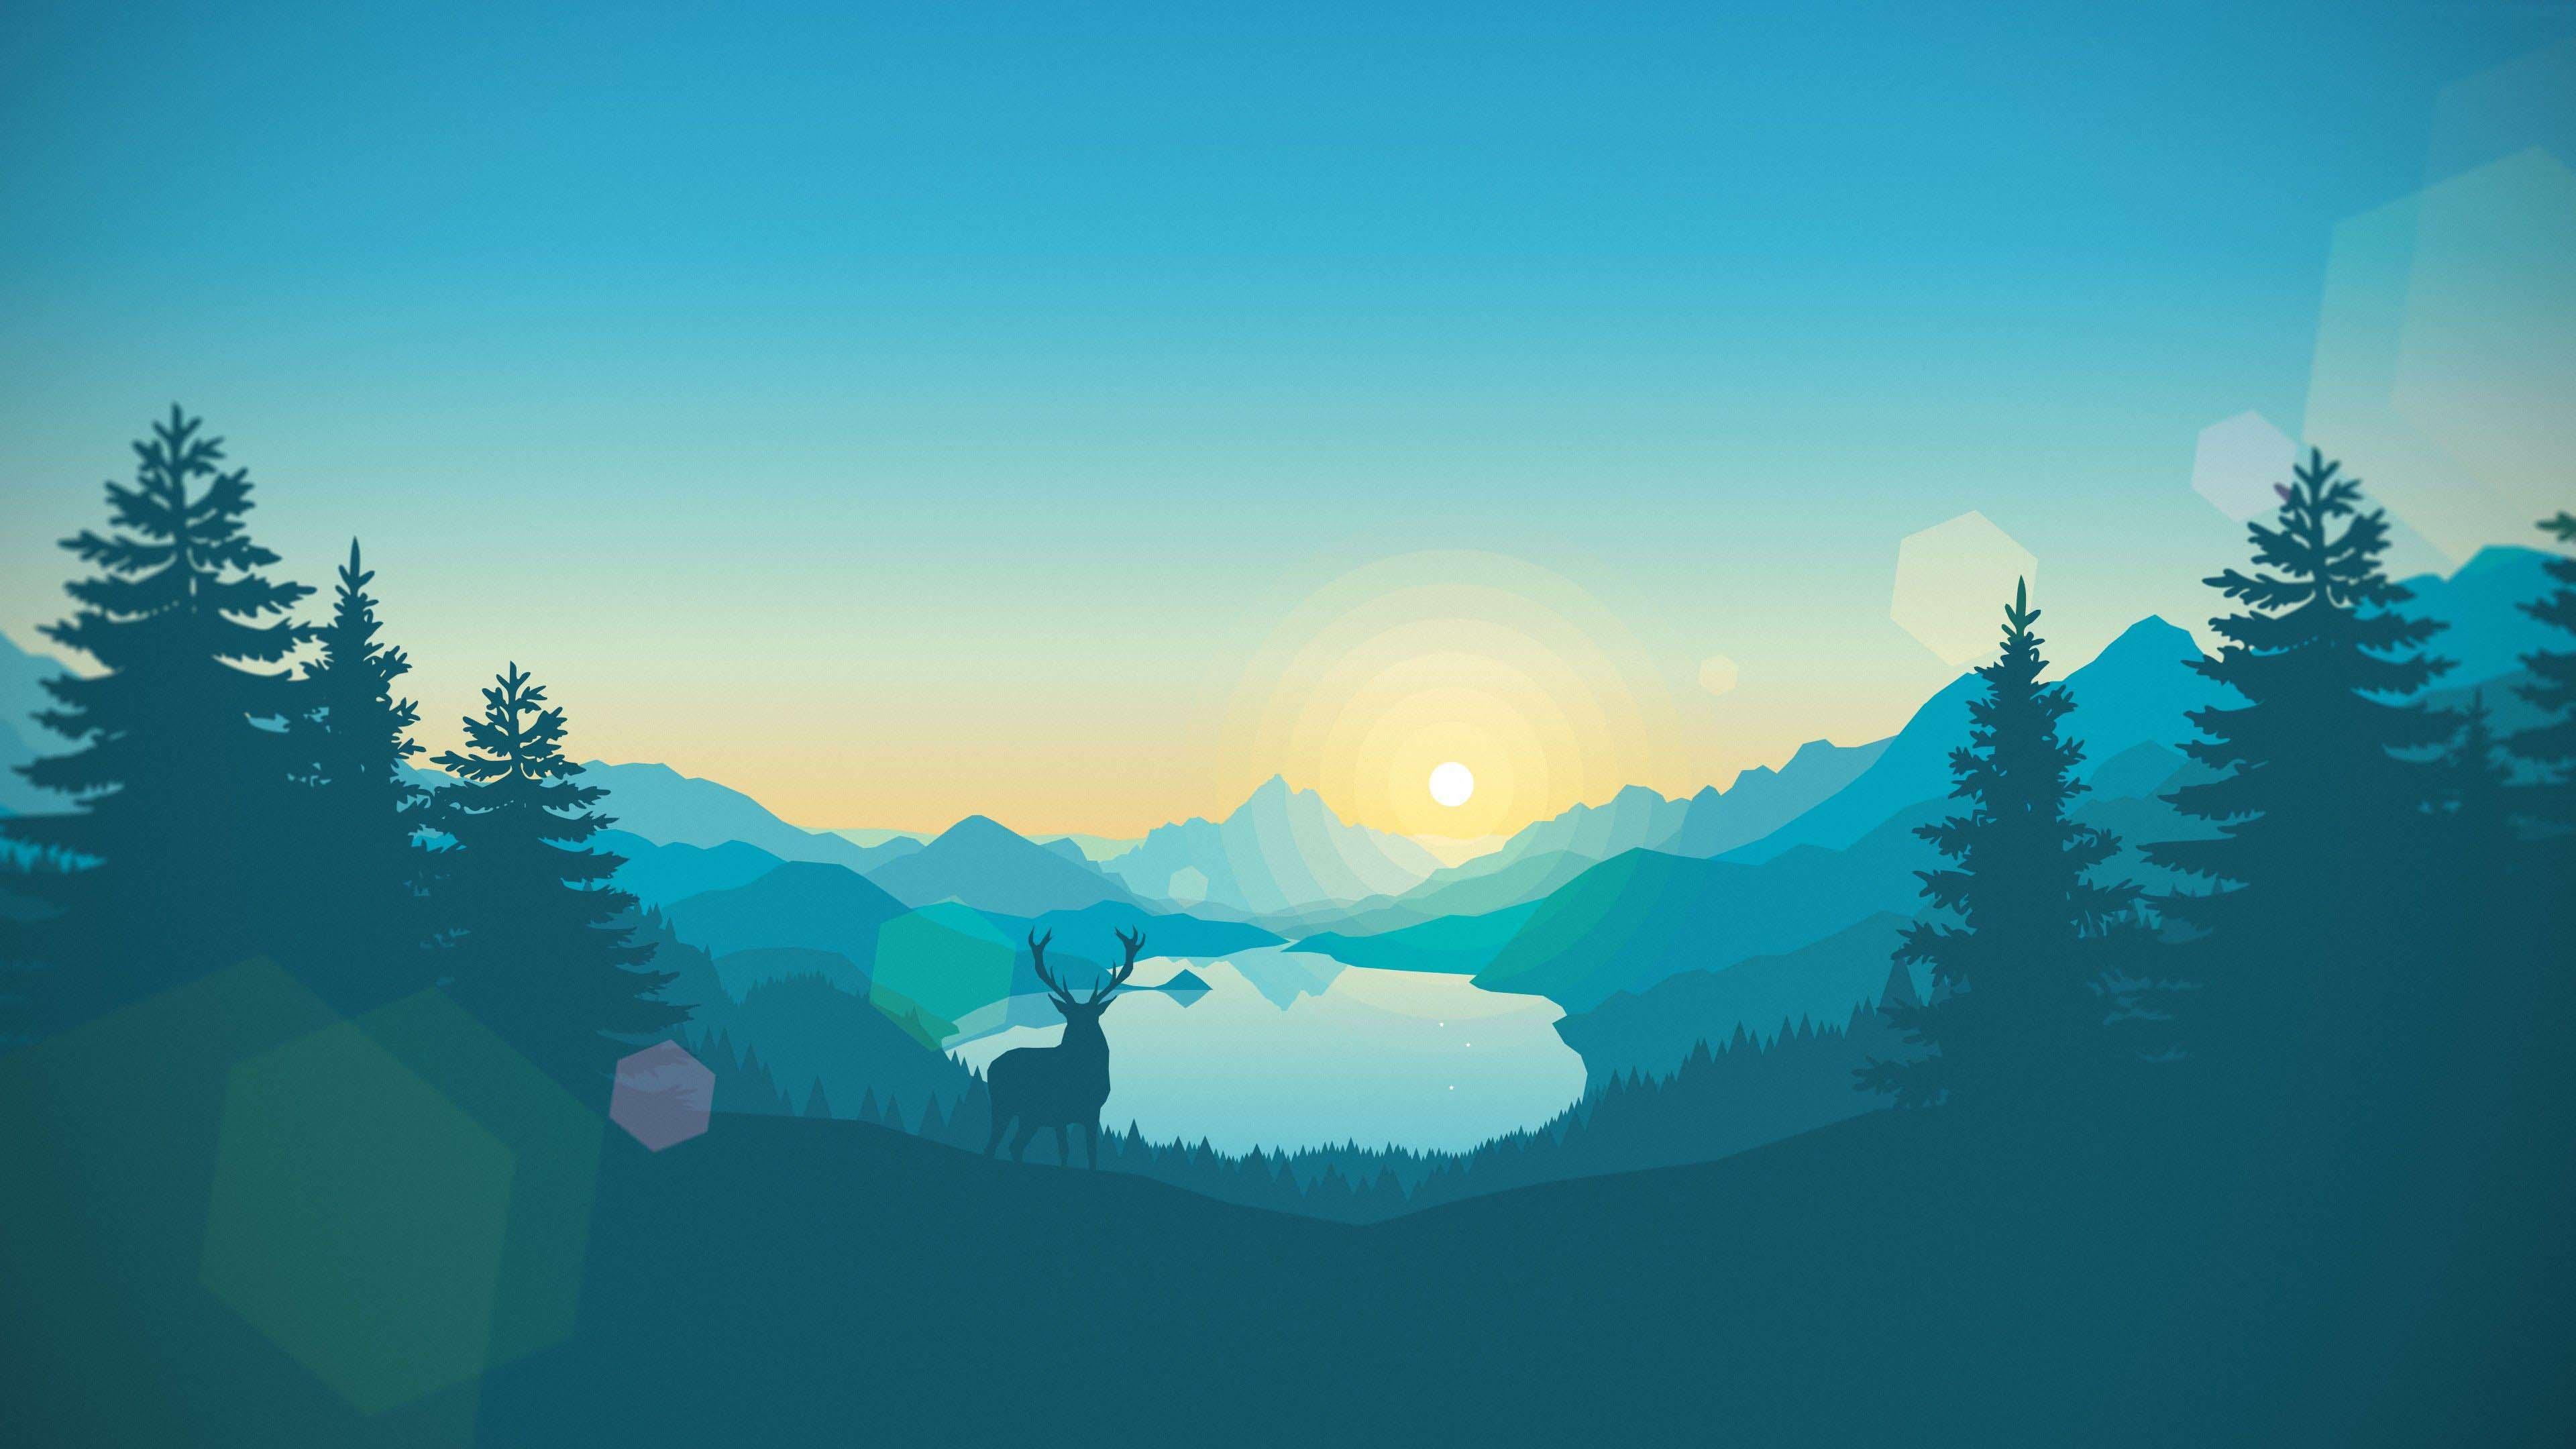 Hình nền art thung lũng trong rừng